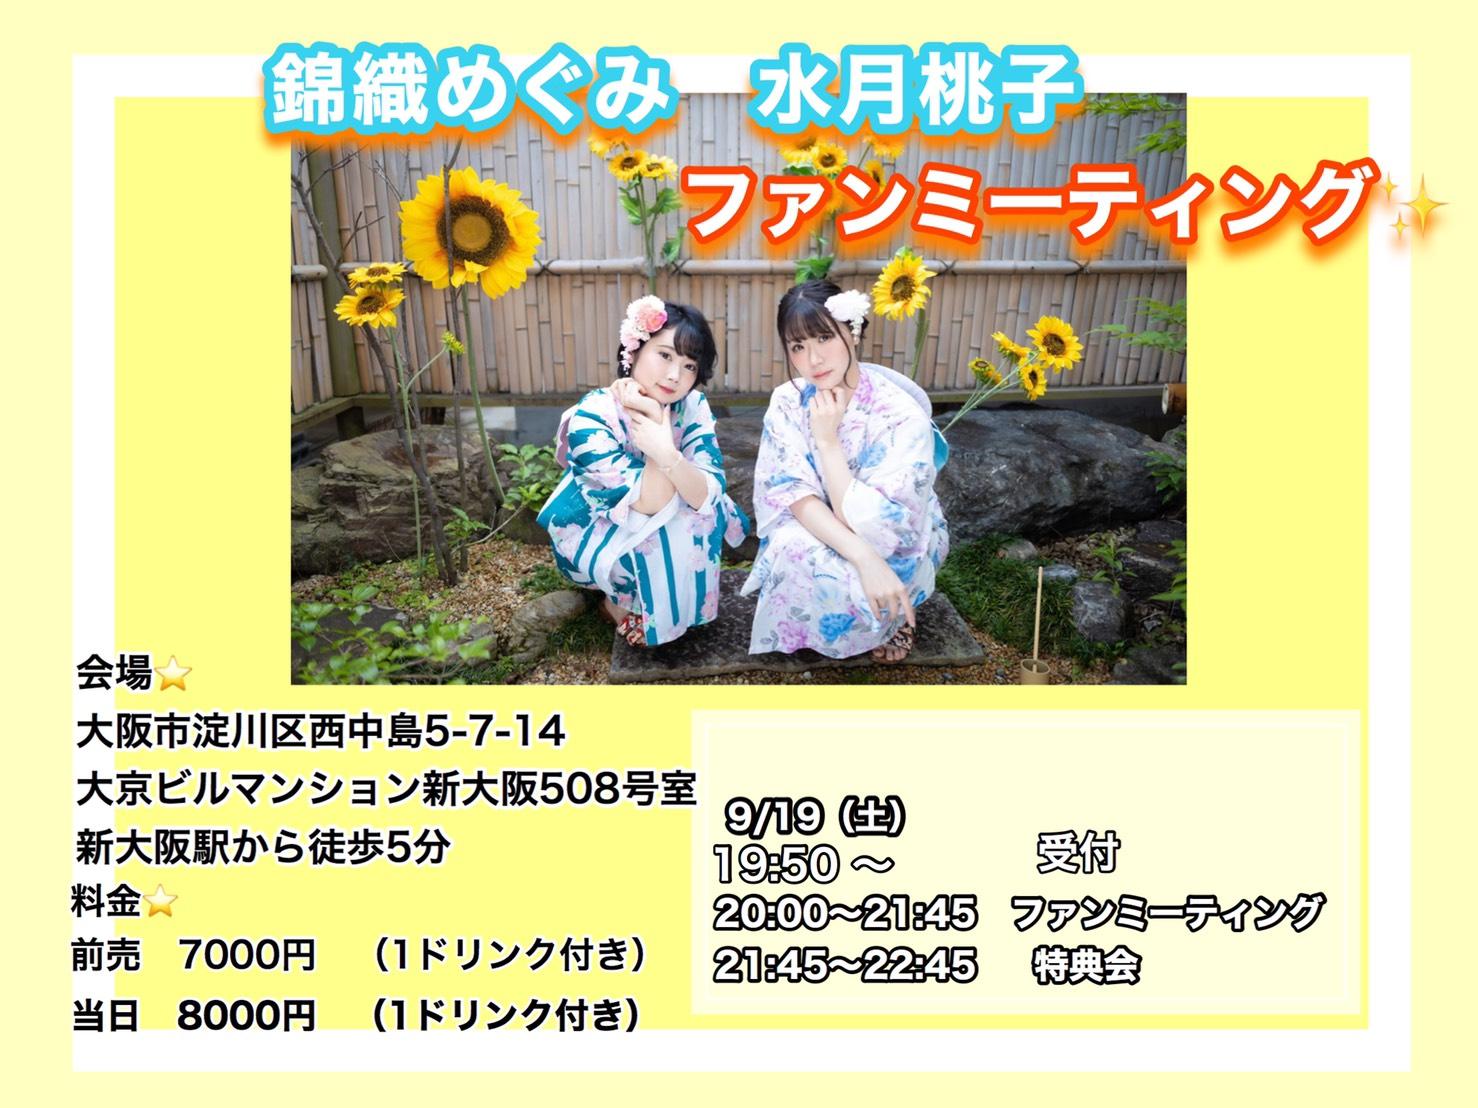 水月桃子 錦織めぐみ 大阪合同ファンミーティング(水月桃子専用予約フォーム)